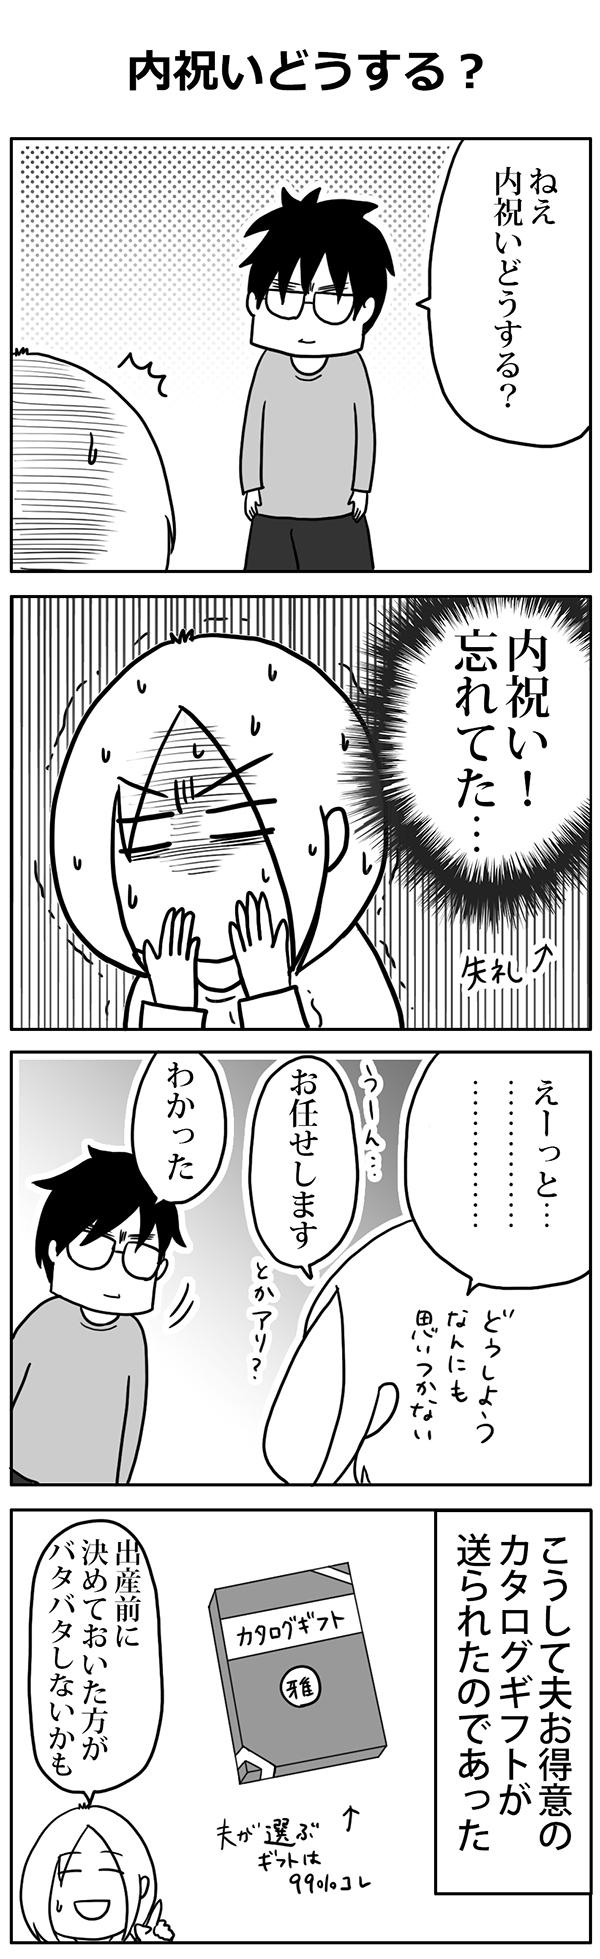 katakrico_71